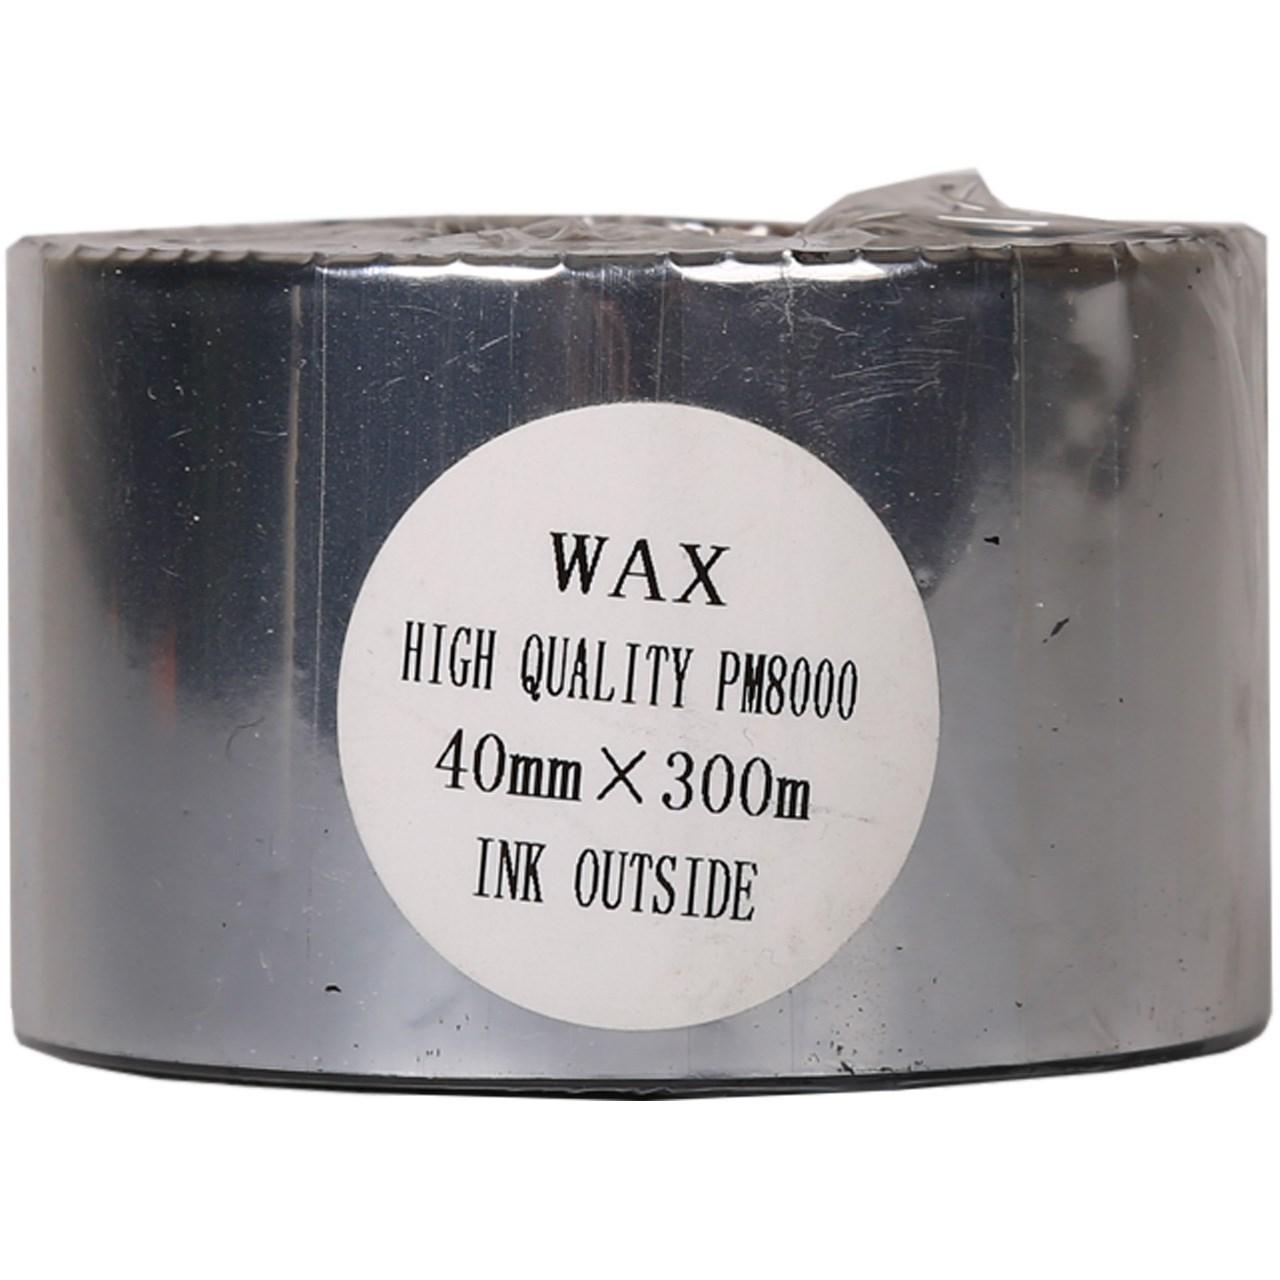 قیمت                      ریبون پرینتر لیبل زن NP مدل Wax 40mm x 300m